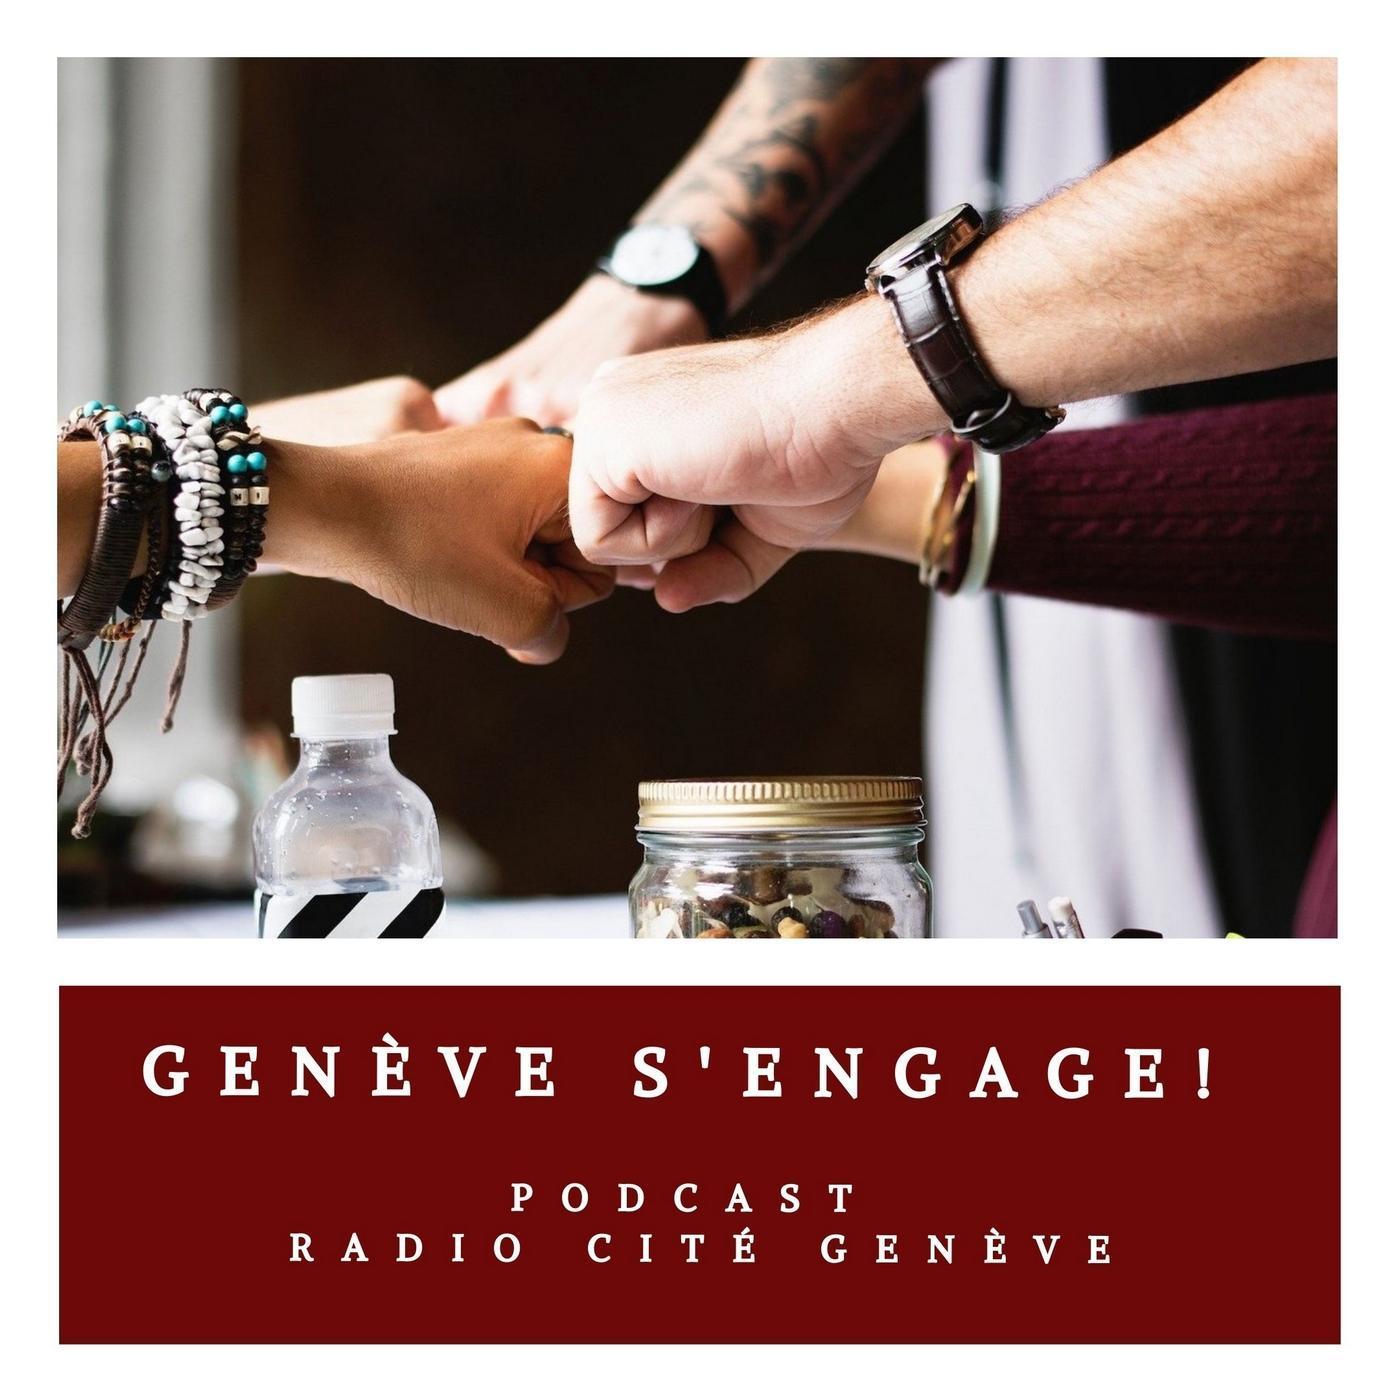 01/07/2021 - Genève s'engage pour les personnes âgées